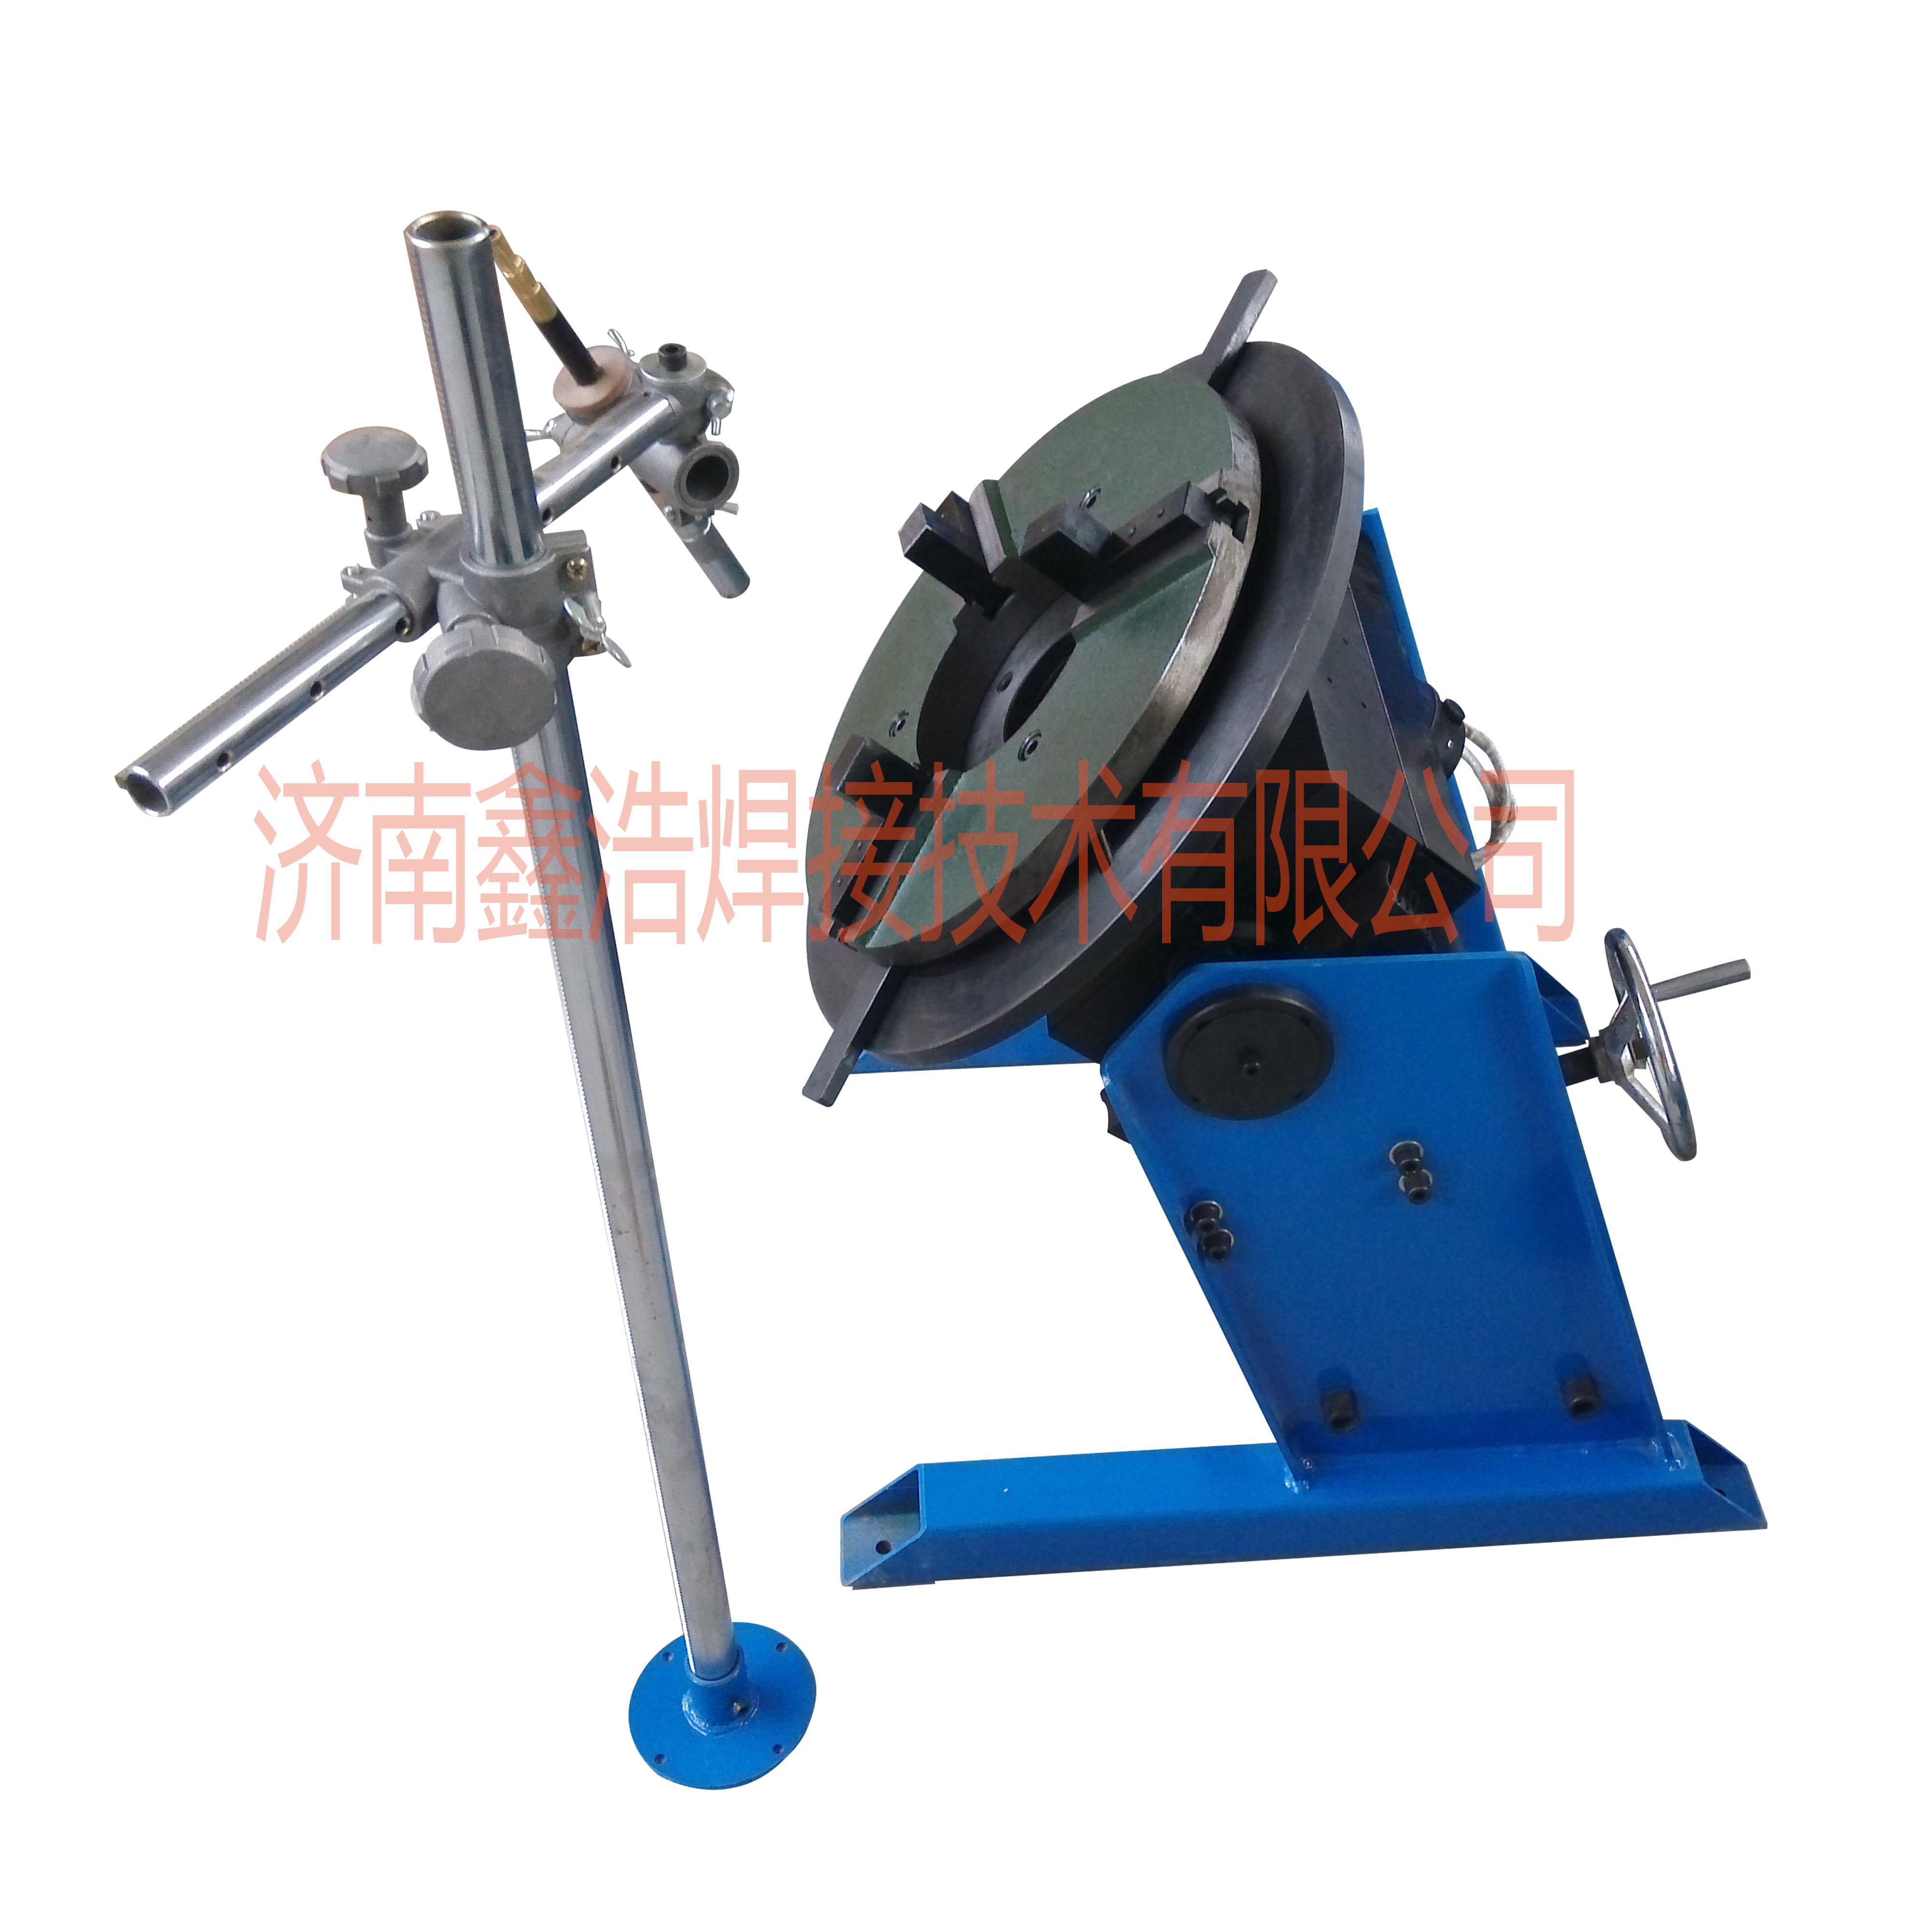 300公斤变位机 济南鑫浩厂家低价供应300公斤焊接变位机环缝焊接